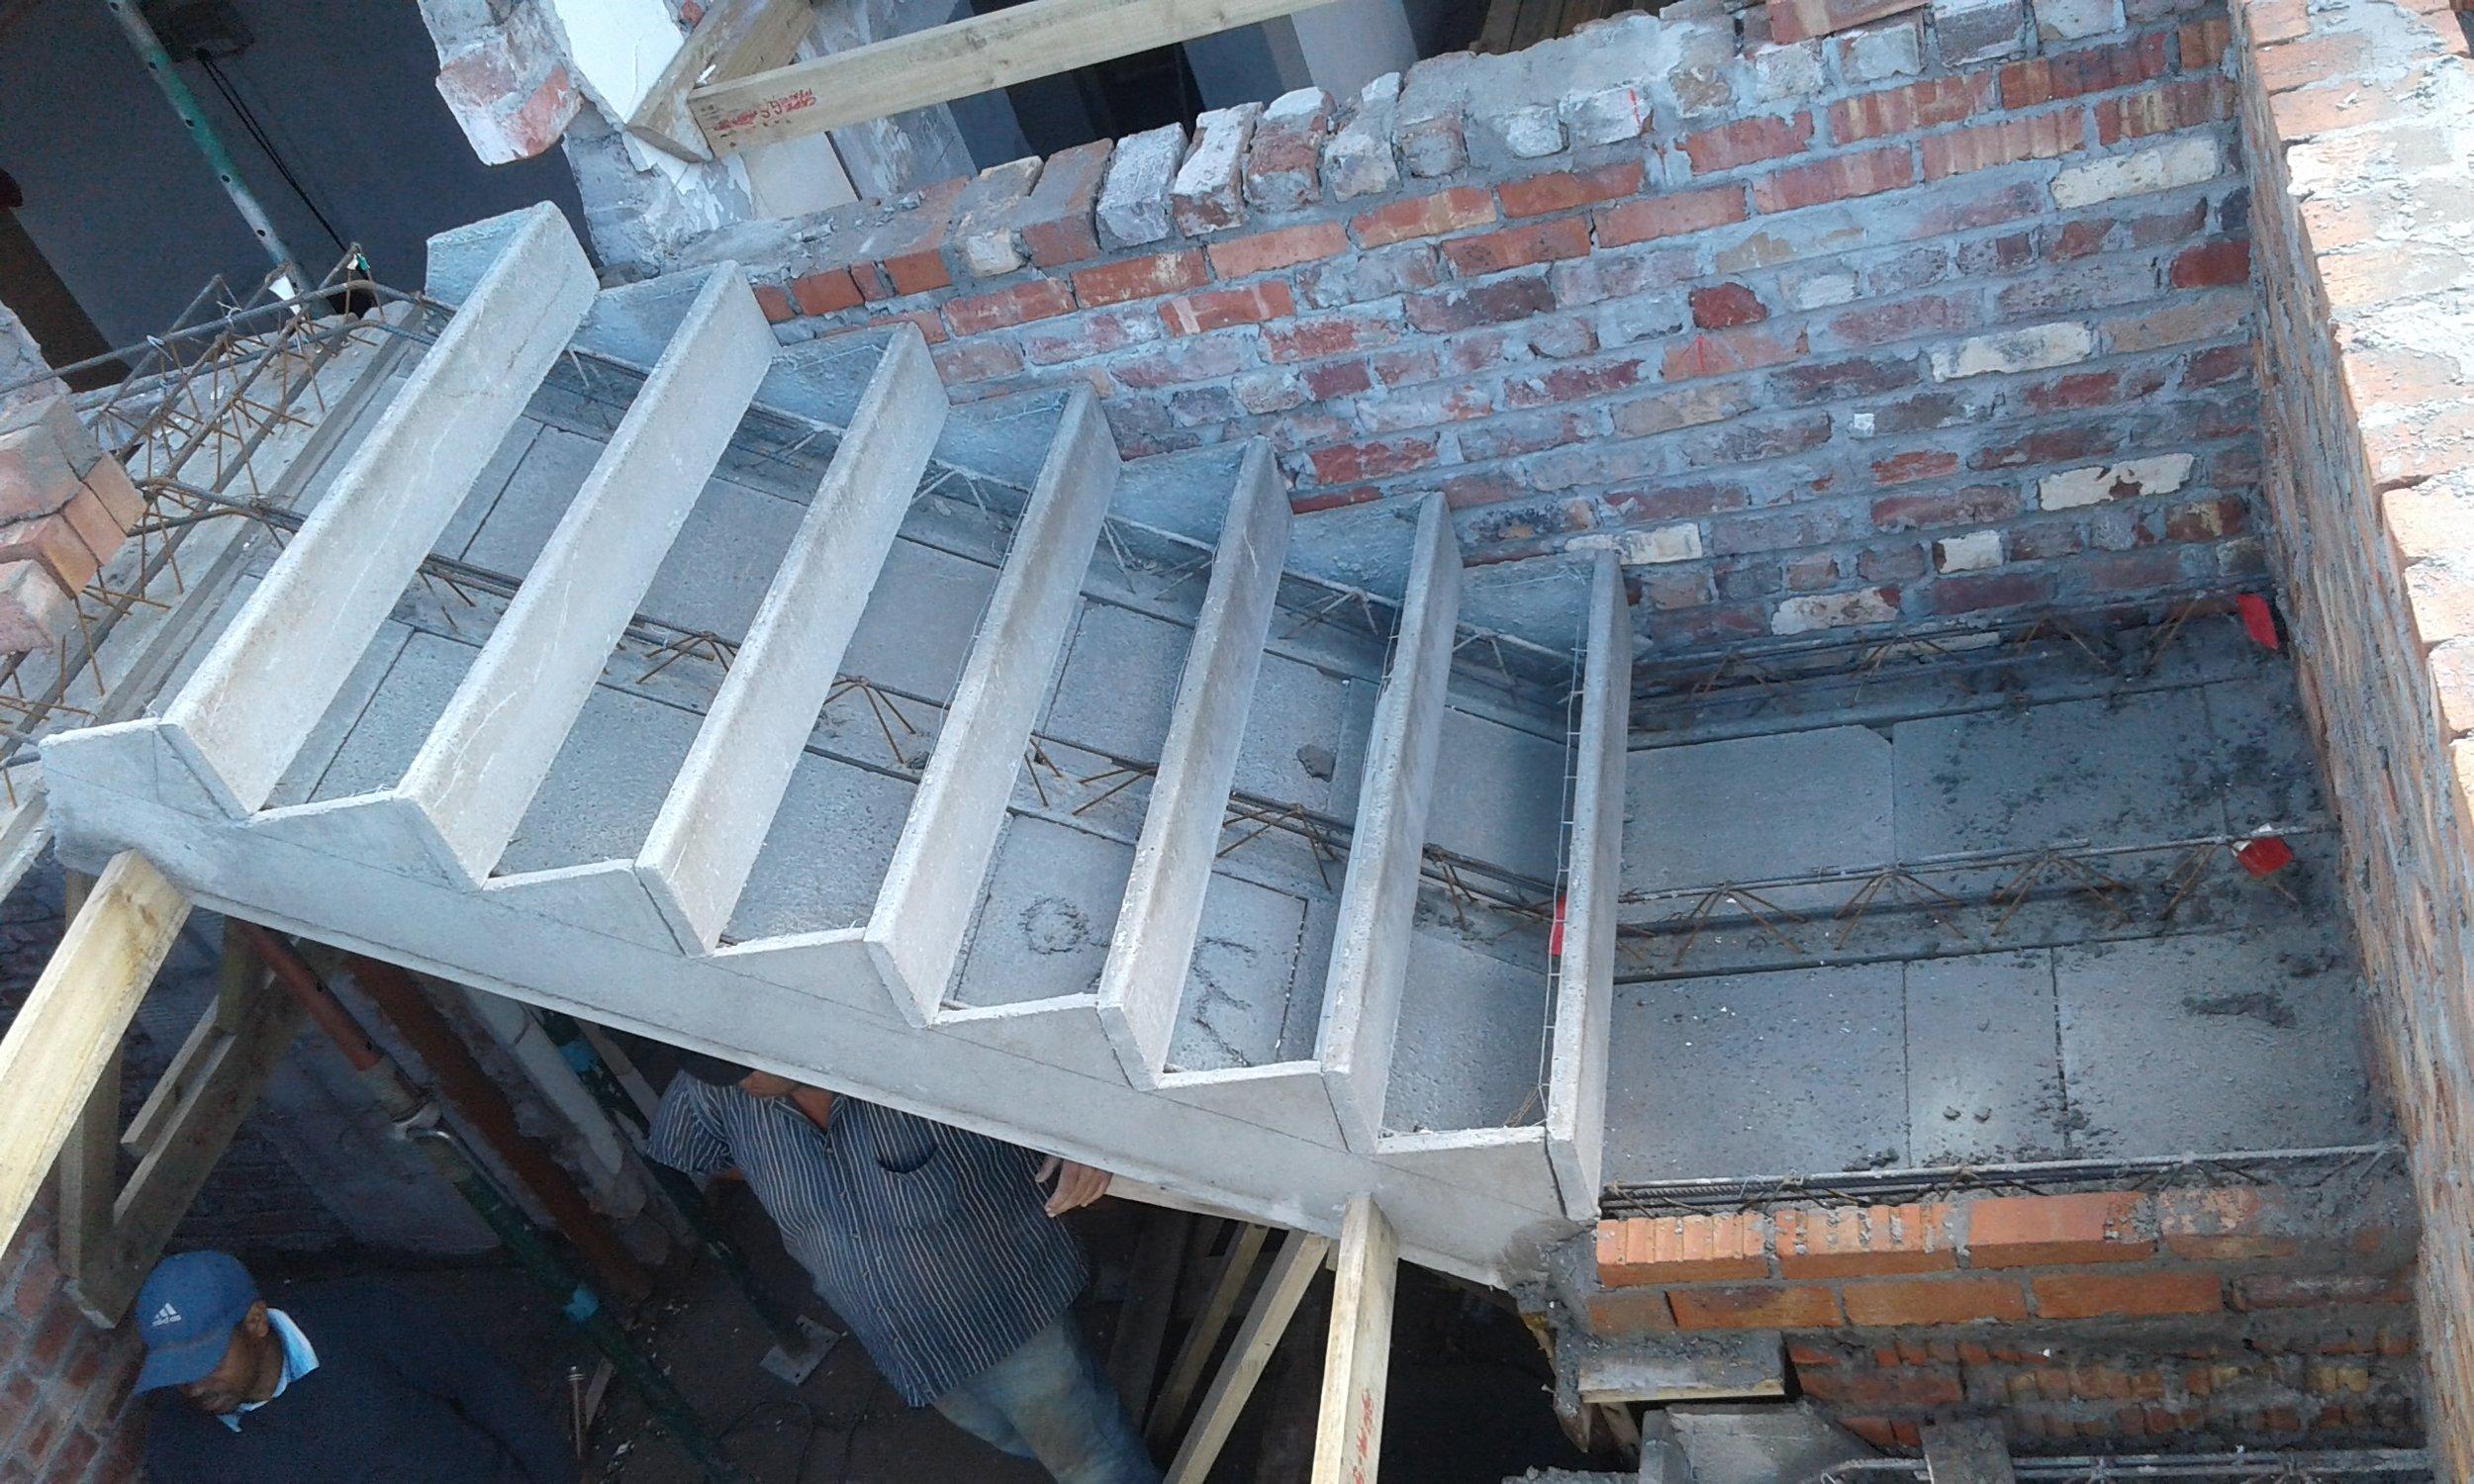 Cobute precast concrete stair